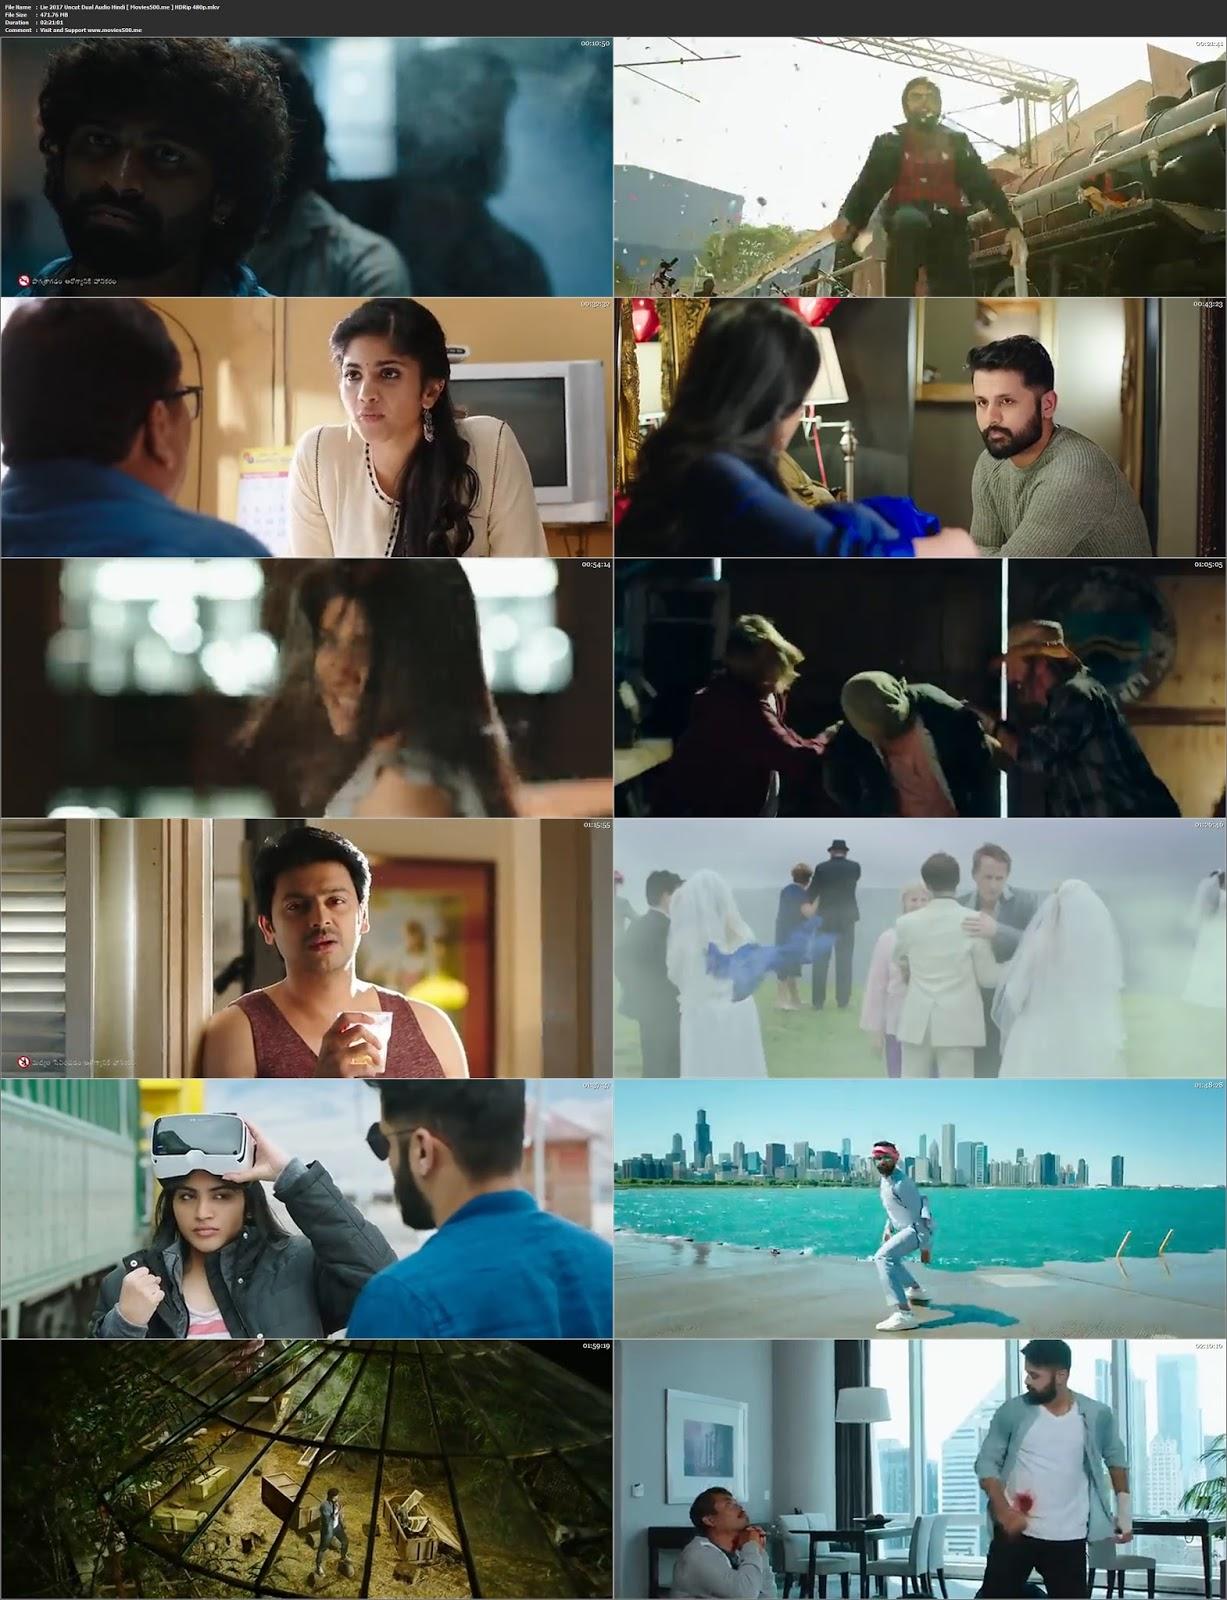 LIE 2017 Full Movie 470MB Hindi 480p at tokenguy.com